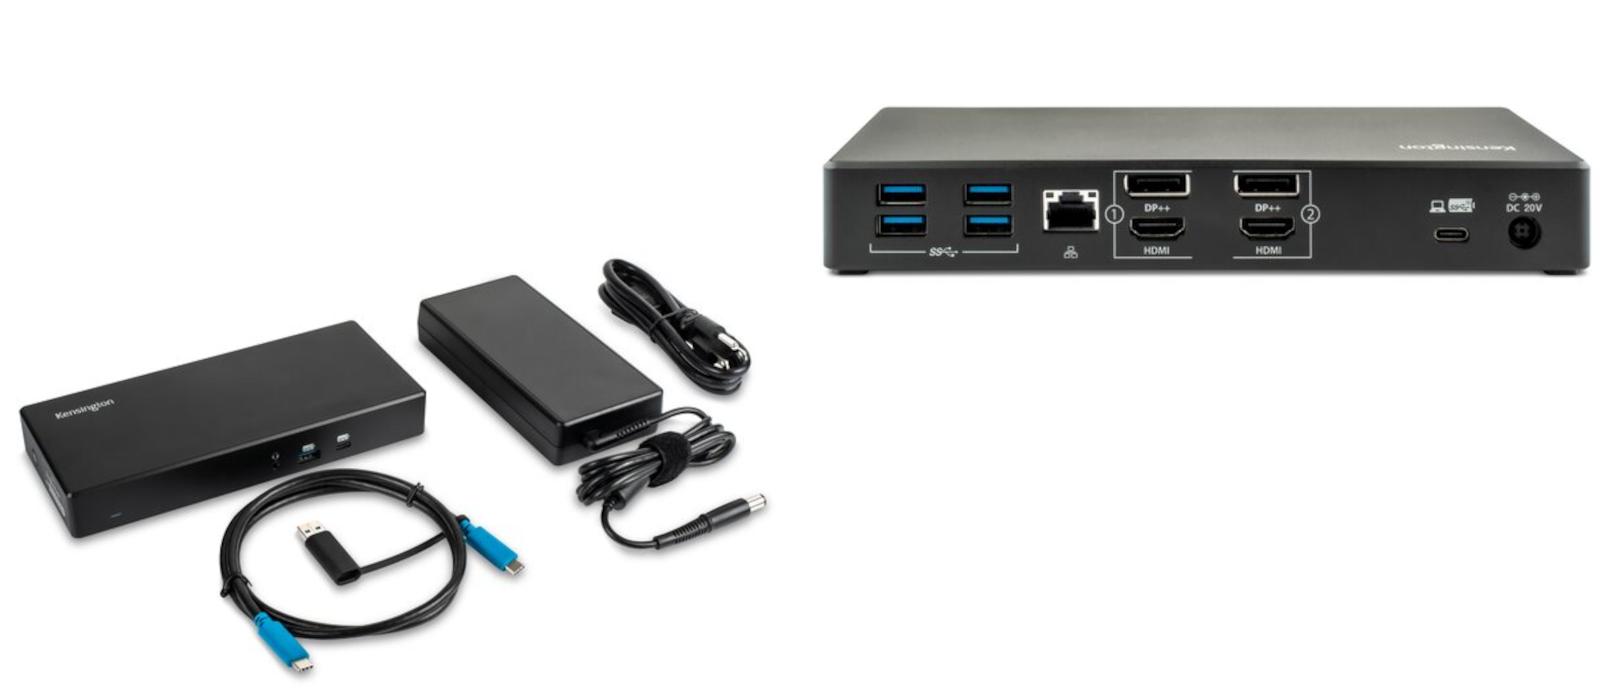 Zwei Bilder zeigen die Gesamtansicht der Kensington USB-C Dualen 4K Dockingstation inklusive Kabeln sowie die Rückansicht der Dockingstation